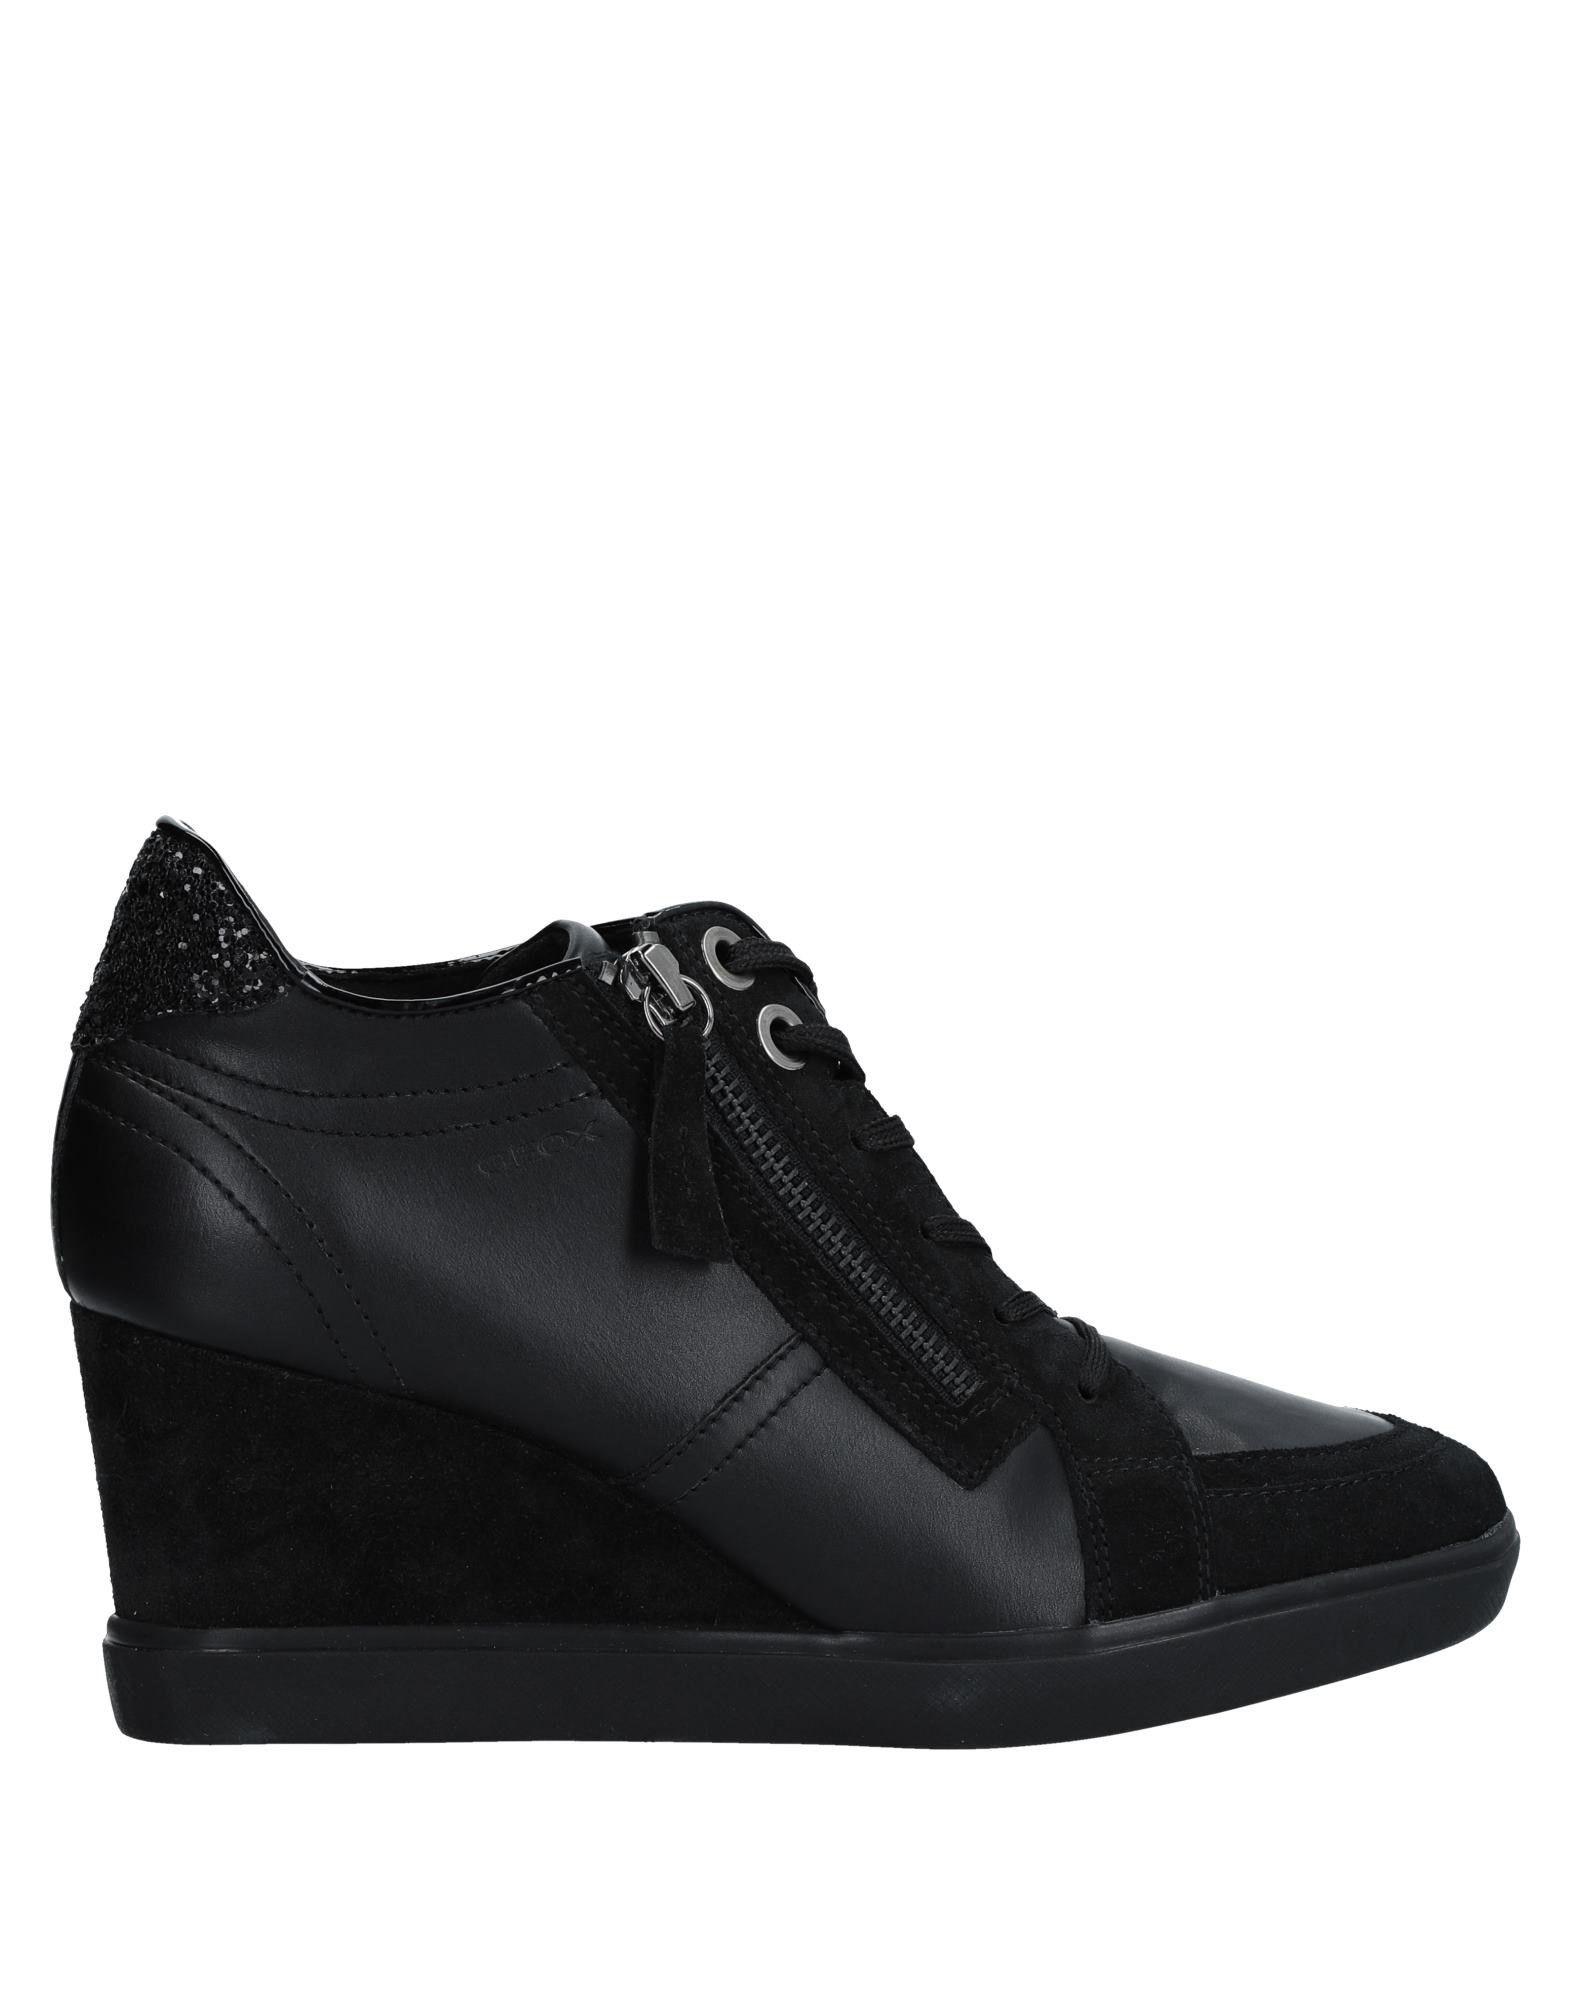 Cómodo y bien parecido Zapatillas Geox Mujer - Zapatillas  Geox  Zapatillas Negro 41813e